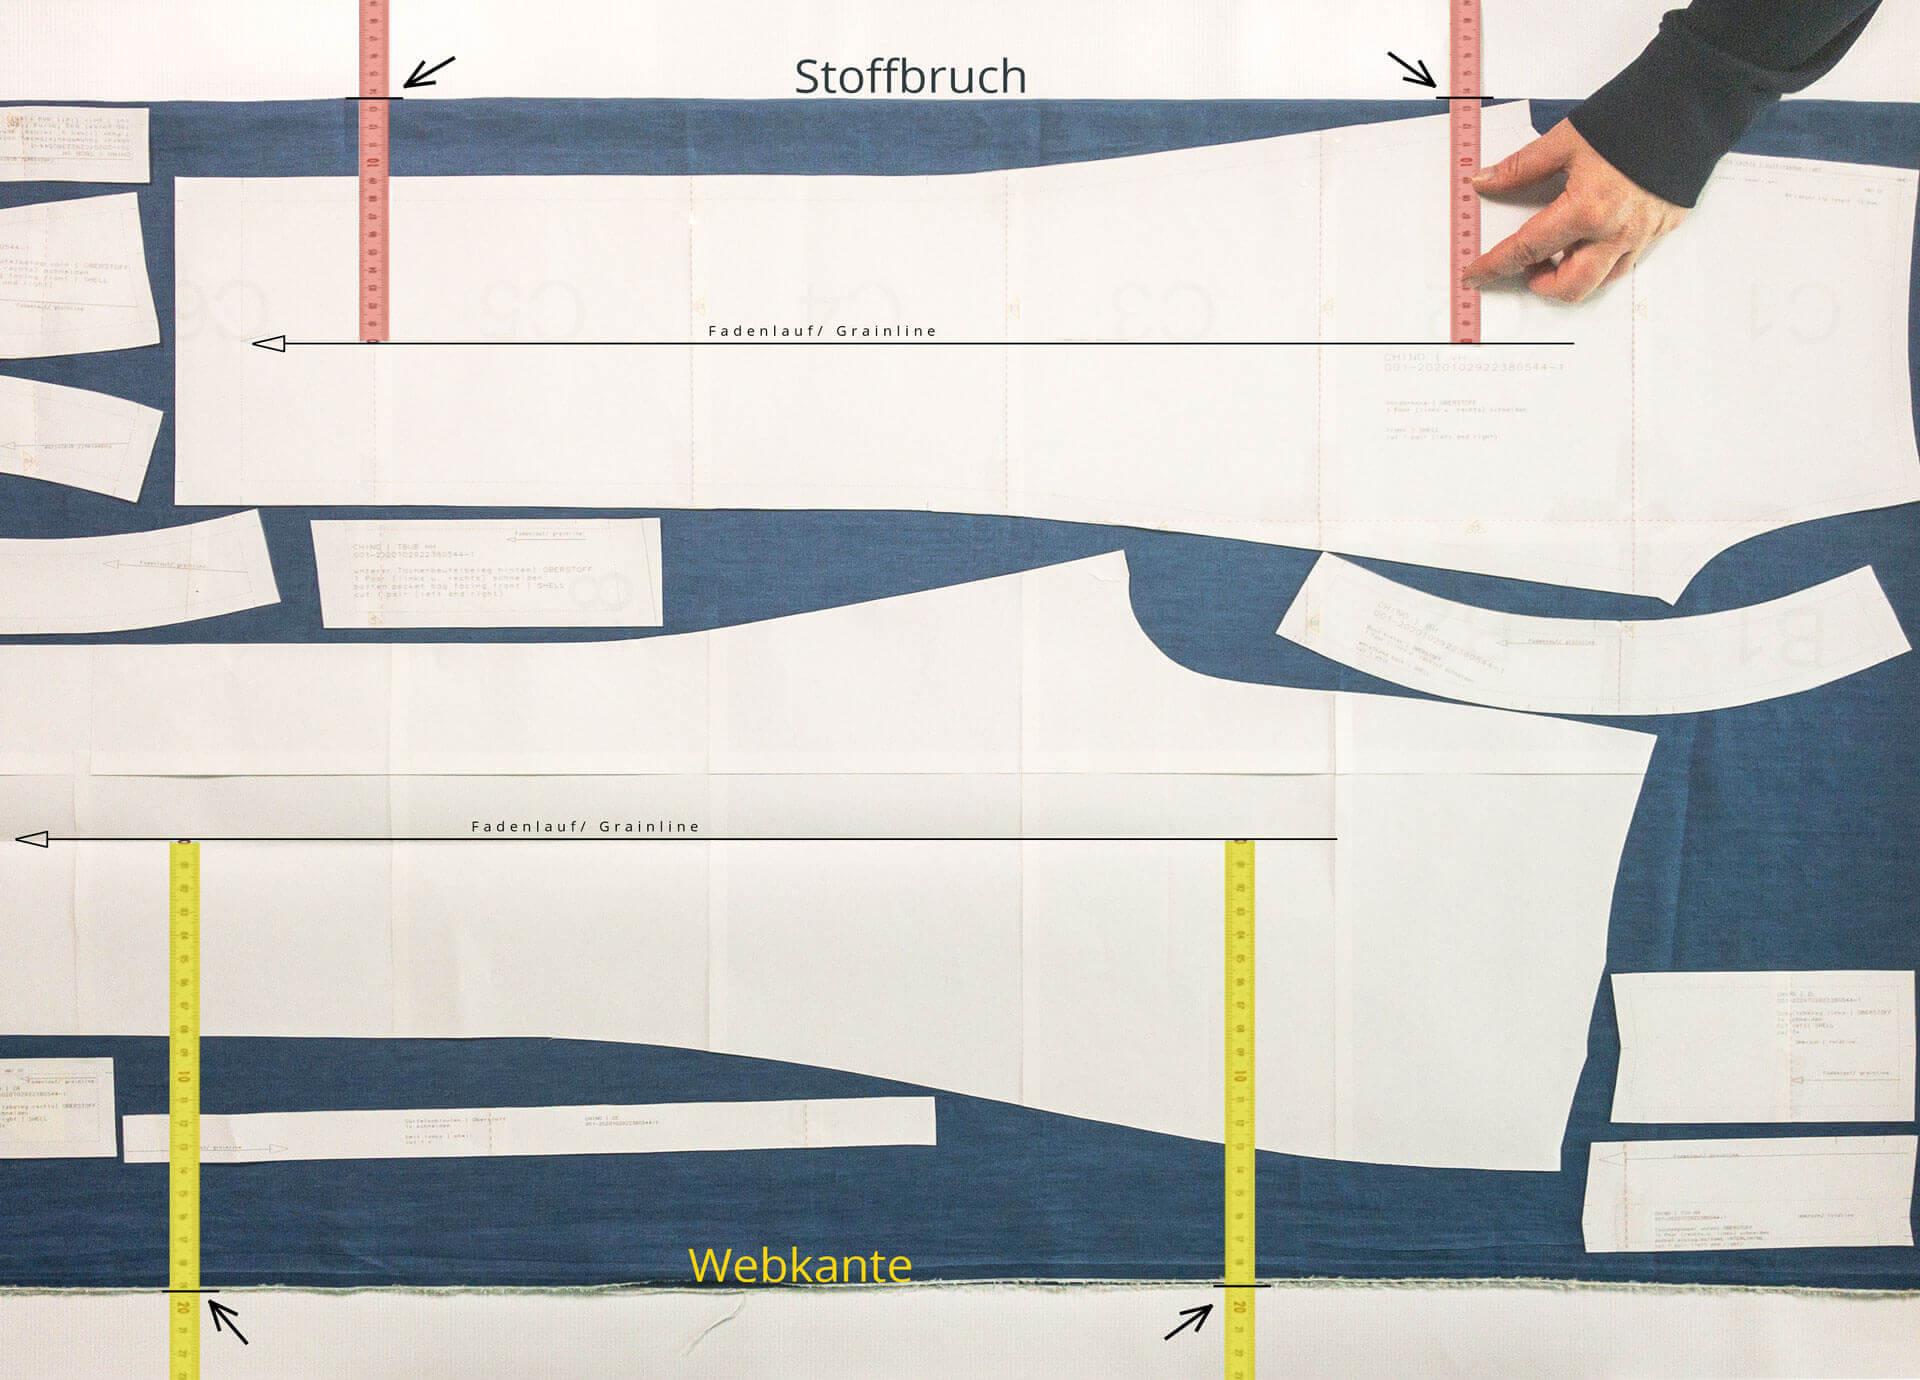 zur Webkante bzw. dem Stoffbruch ausgerichtete Schnitteile anhand der Fadenlauf Linie